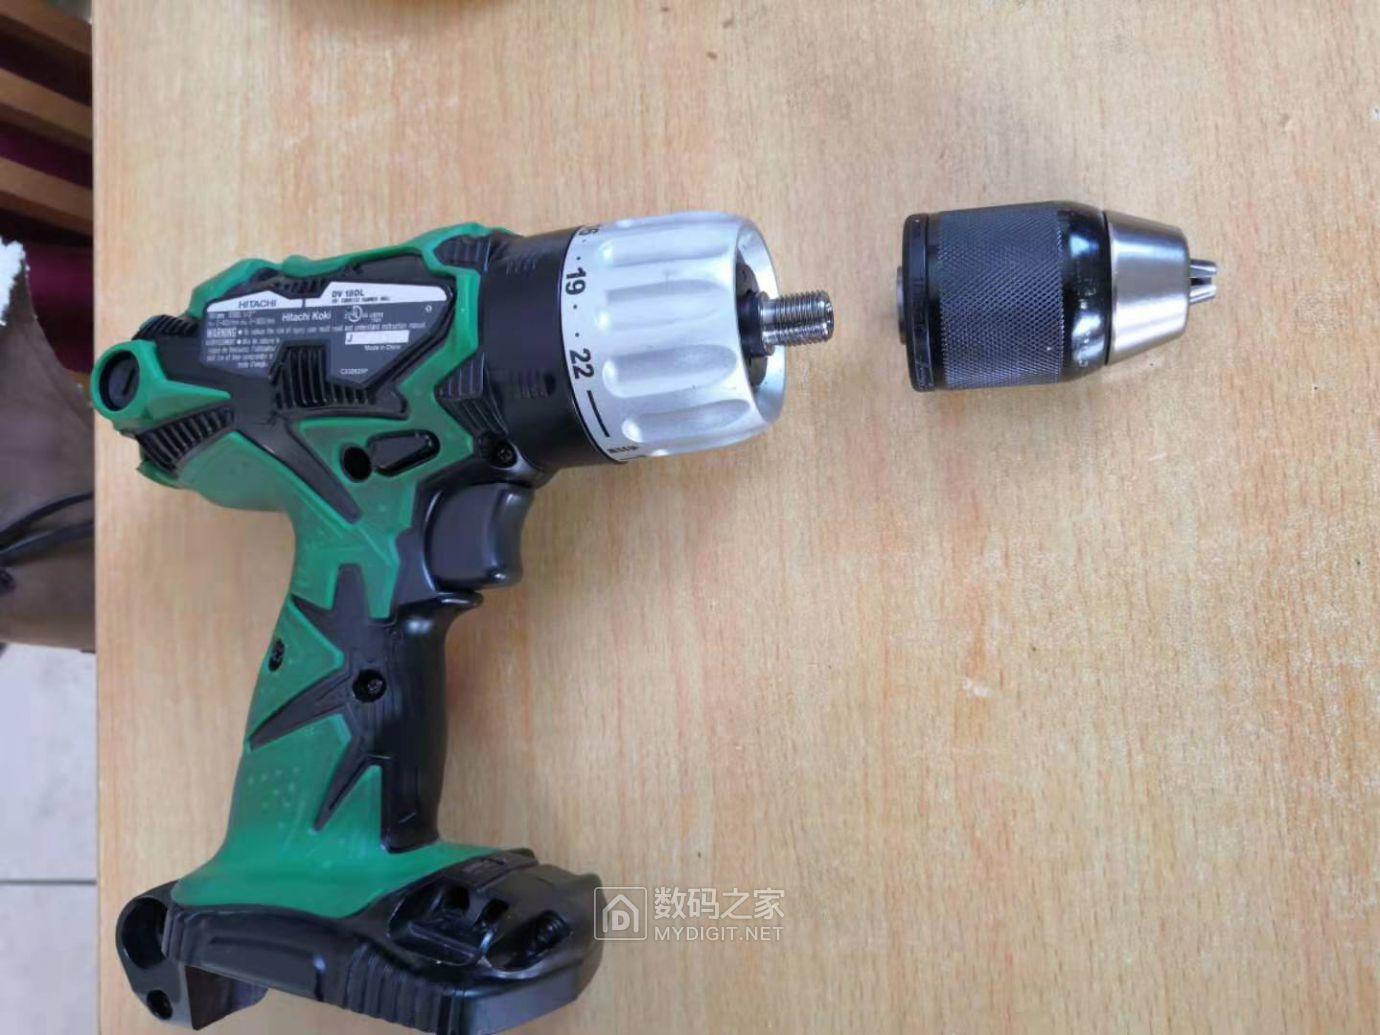 便宜的和贵的手电钻拆解对比(HITACHI DV180L VS TNT) 好货大家谈 第2张